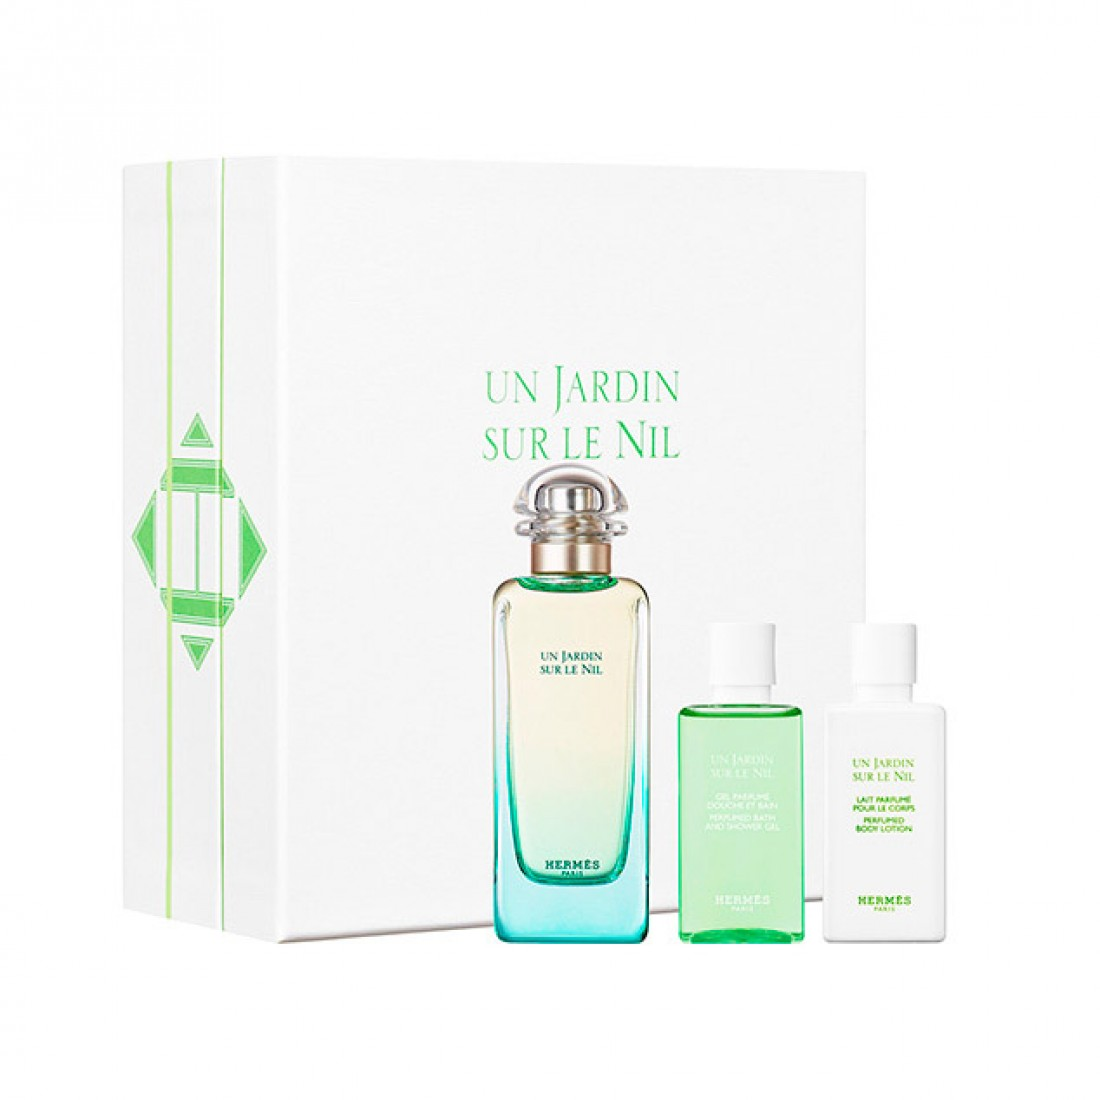 Hermes Un Jardin Sur Le Nil, toaletní voda 100ml + tělové mléko 40ml + sprchový gel 40ml, Dárková sada